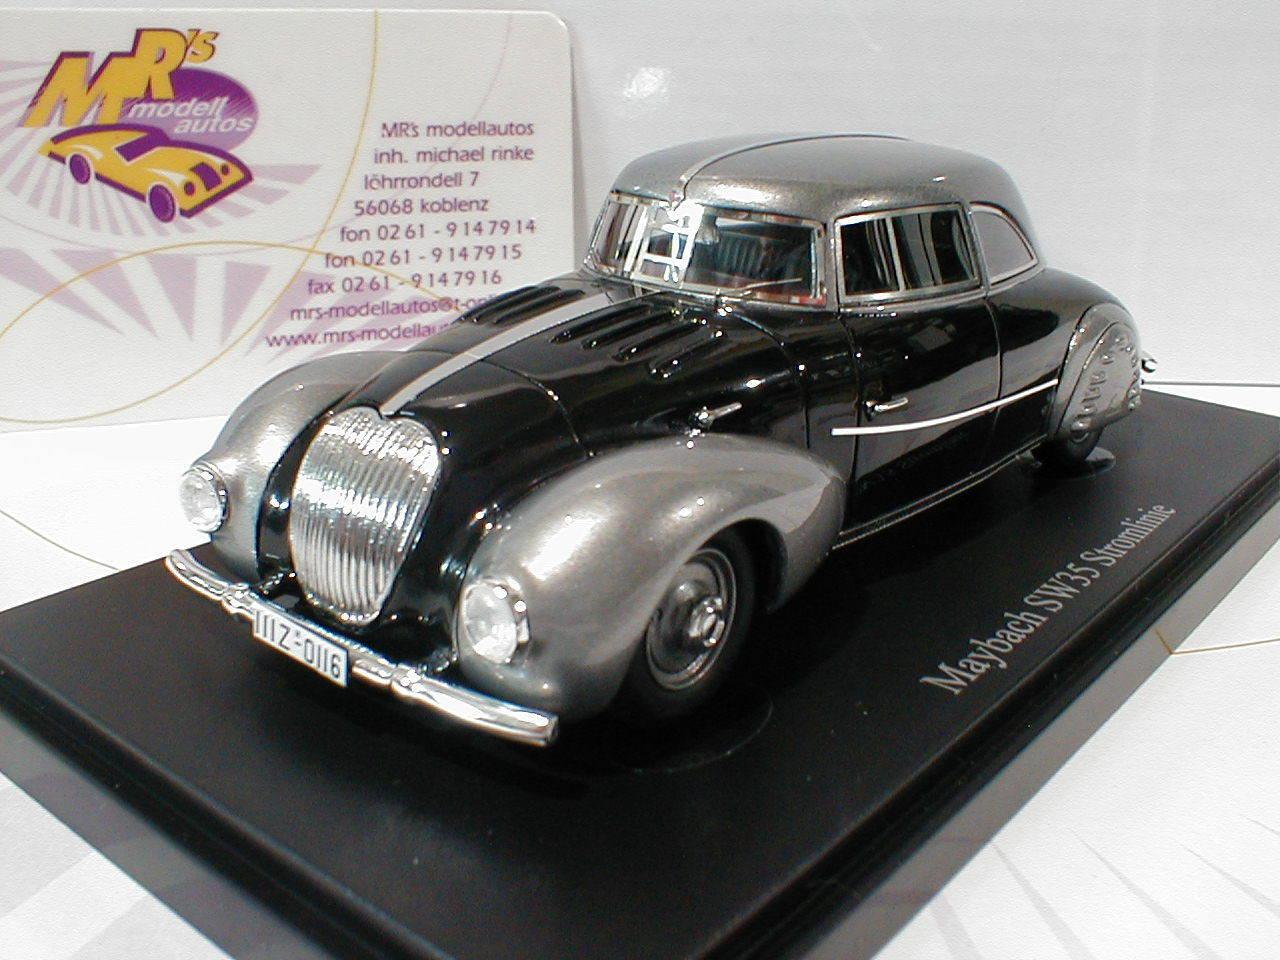 servicio honesto Autocult Autocult Autocult 04008-Maybach sw35 electricidad línea año de fabricación 1935  plata-negro  1 43  marca